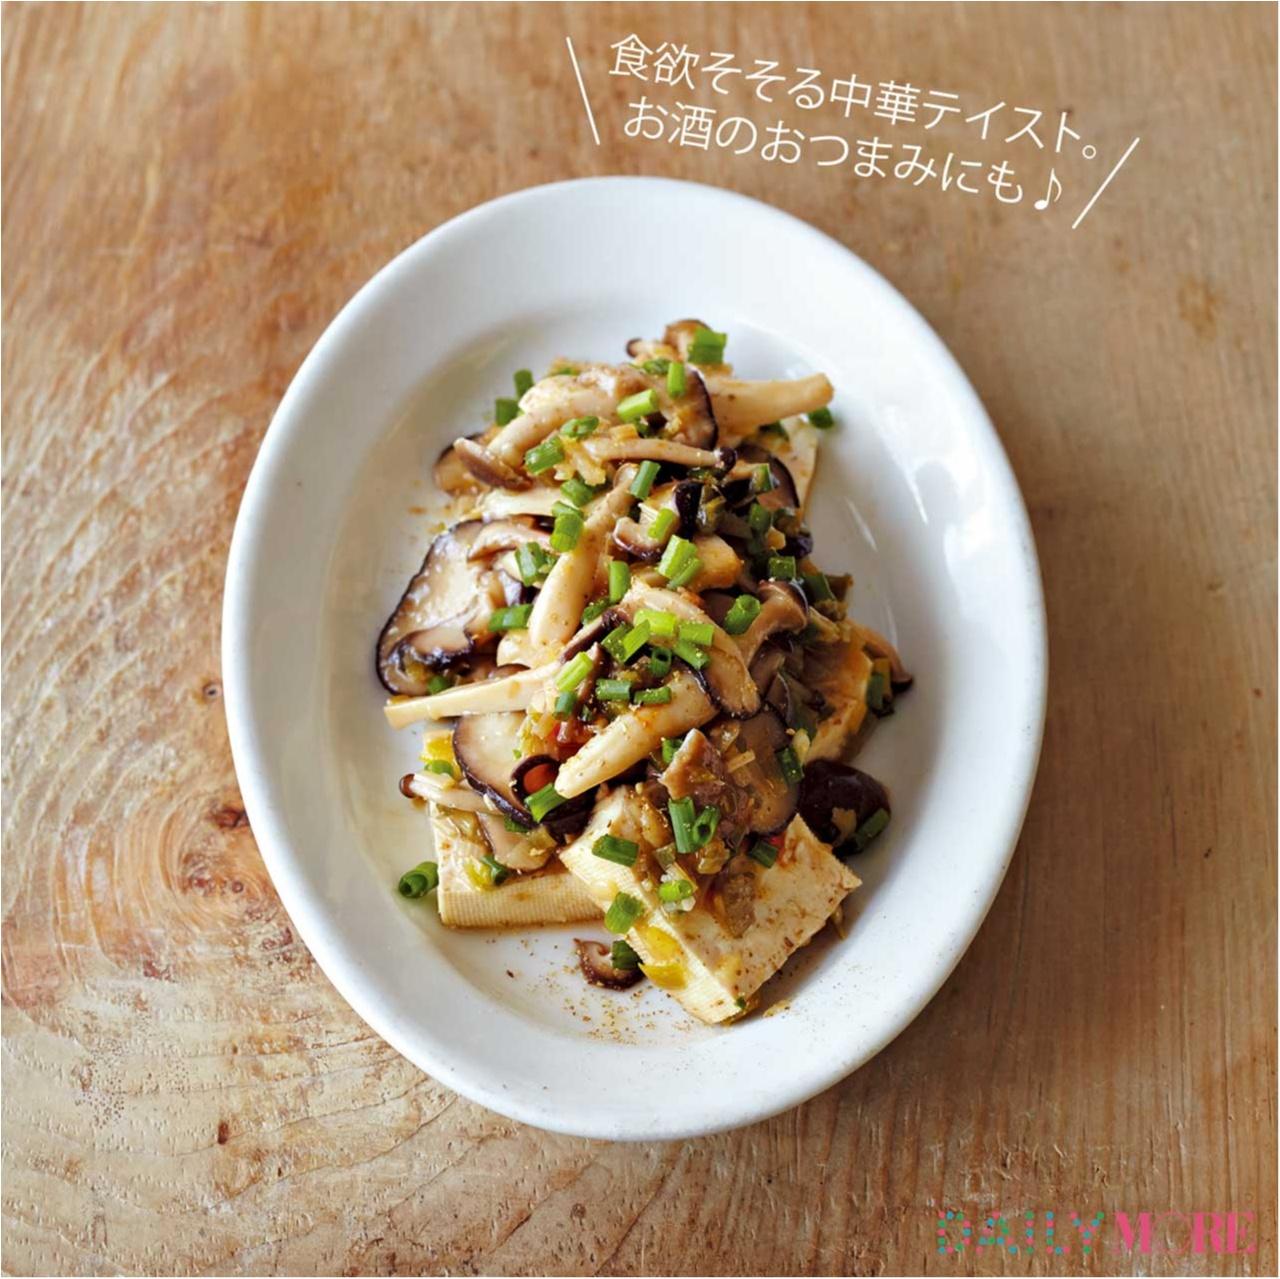 簡単! お弁当の作り置きおかずレシピ特集 - お弁当箱につめるだけの常備菜レシピまとめ_42